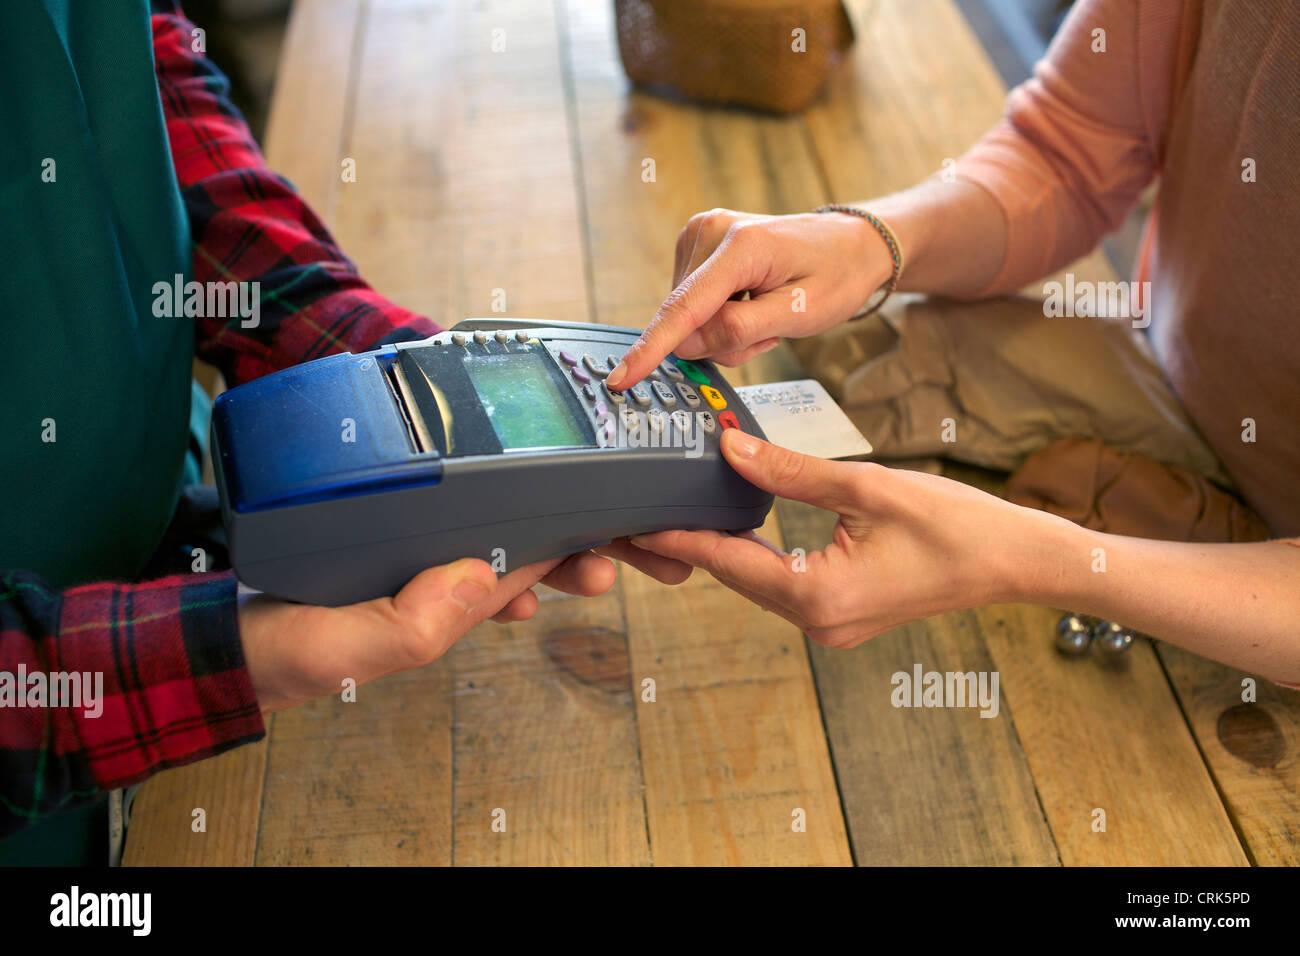 Donna fare shopping con la carta di credito in negozio Immagini Stock